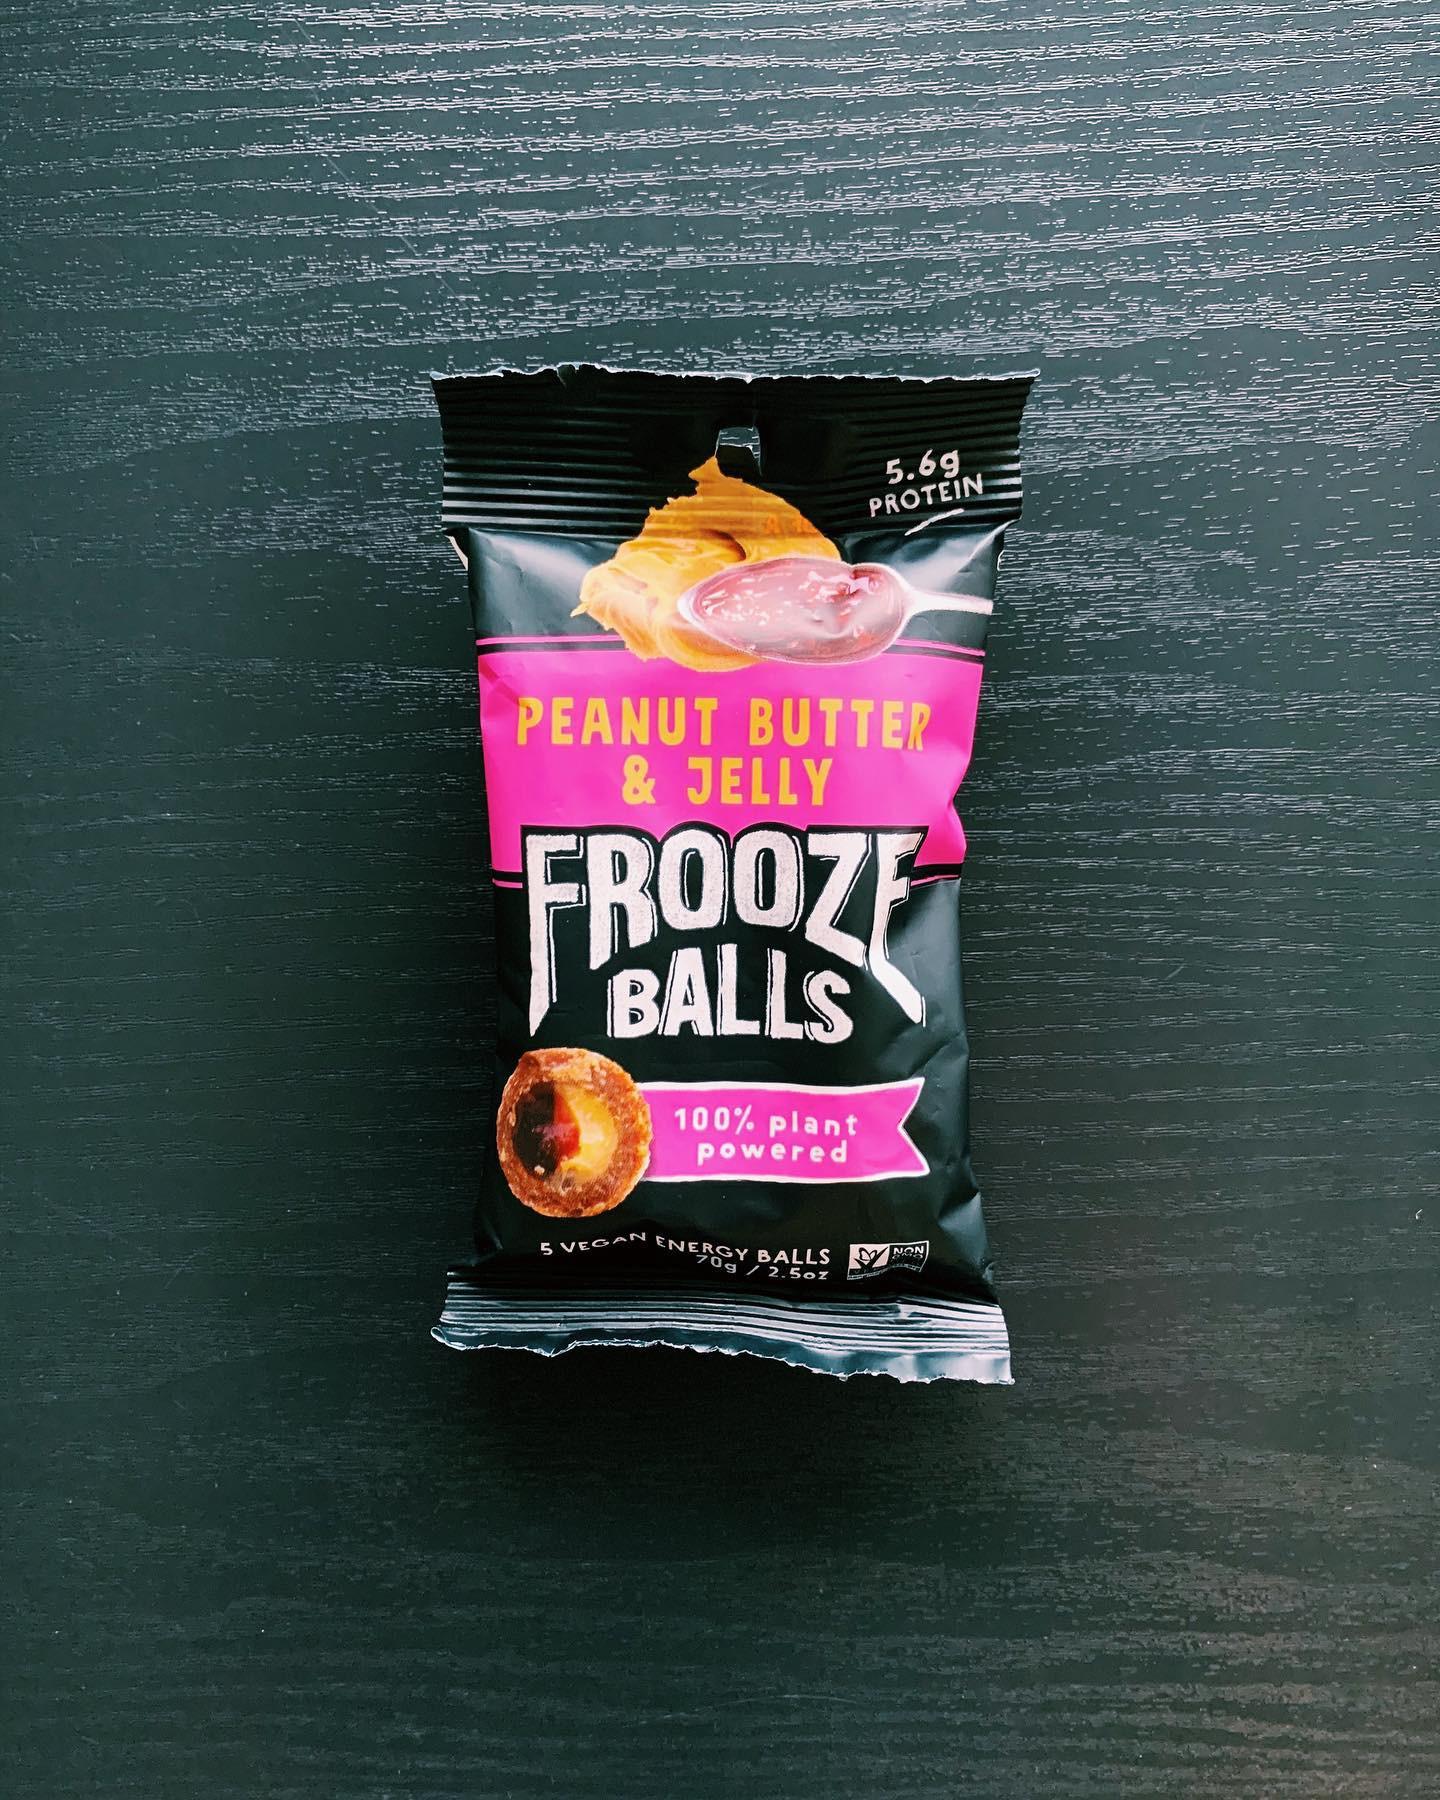 PB&J Frooze Balls: 8.5/10